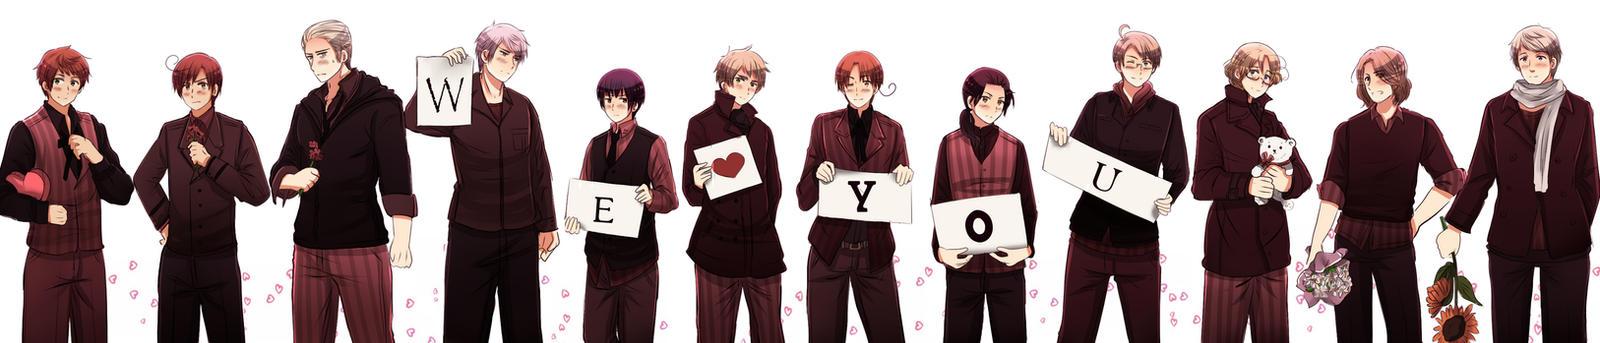 Valentines Day by XXXxVivixXXX